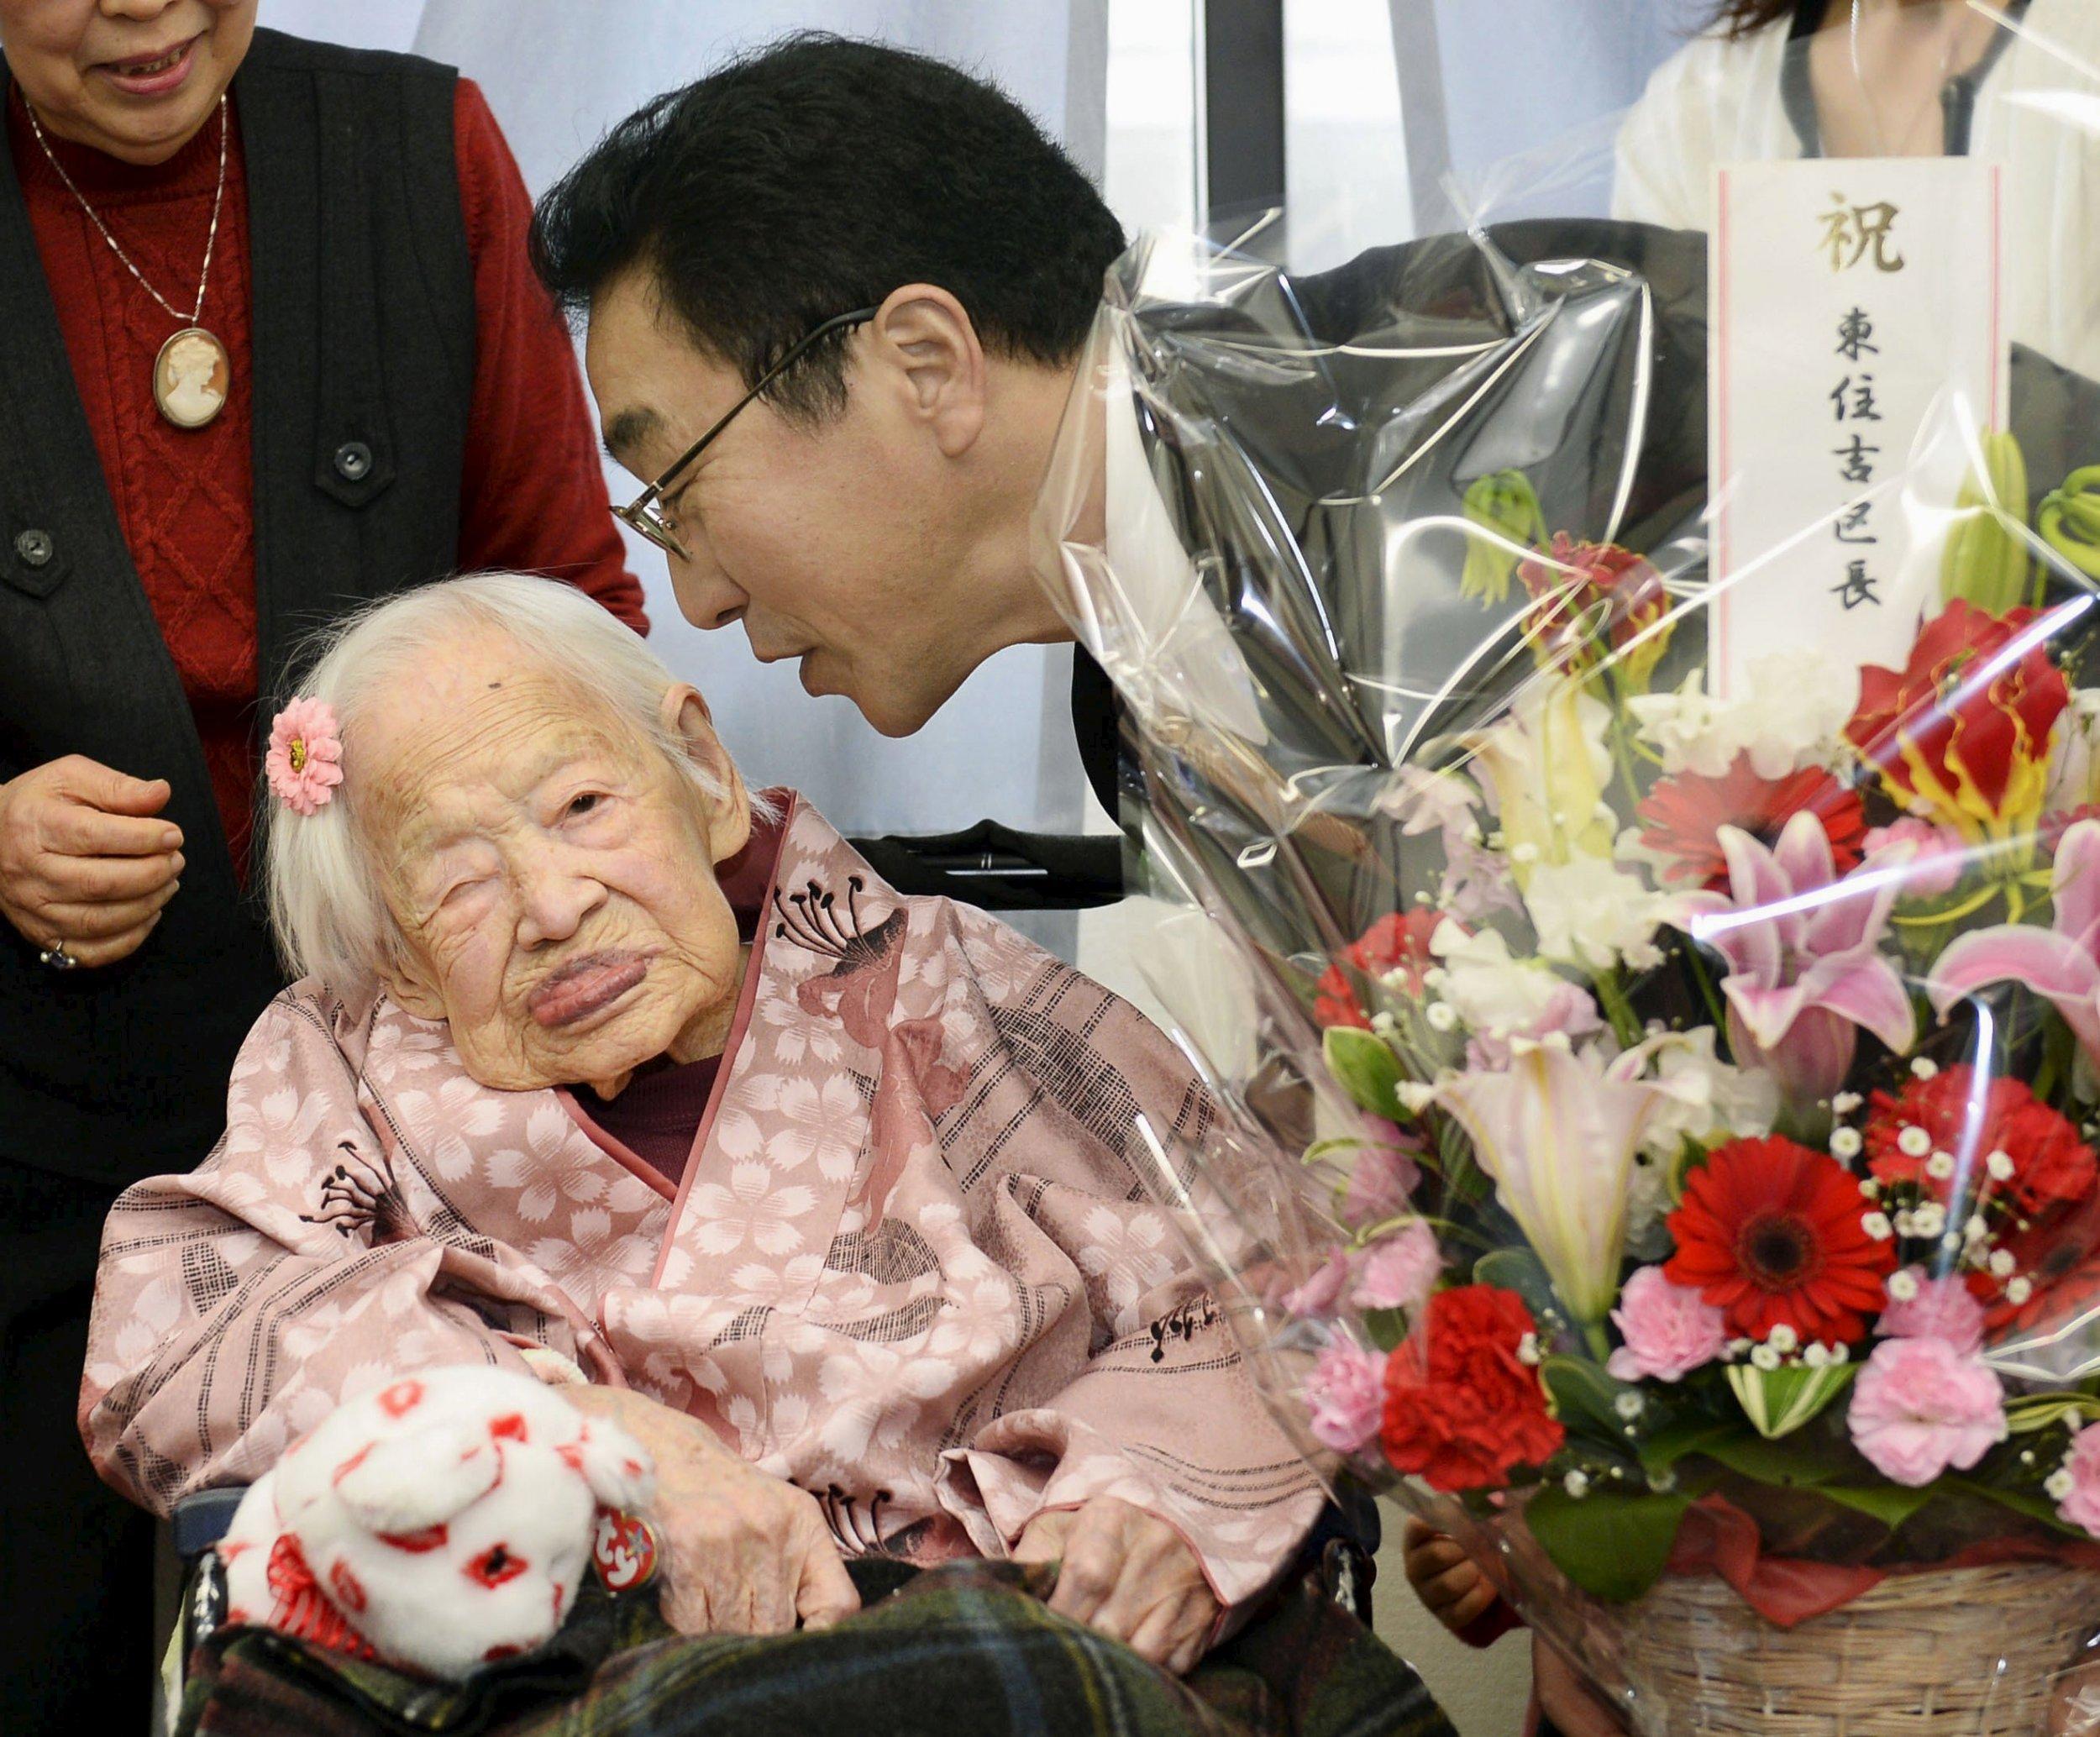 2015-04-01T031852Z_1786456498_GF10000045791_RTRMADP_3_JAPAN-OLDESTWOMAN